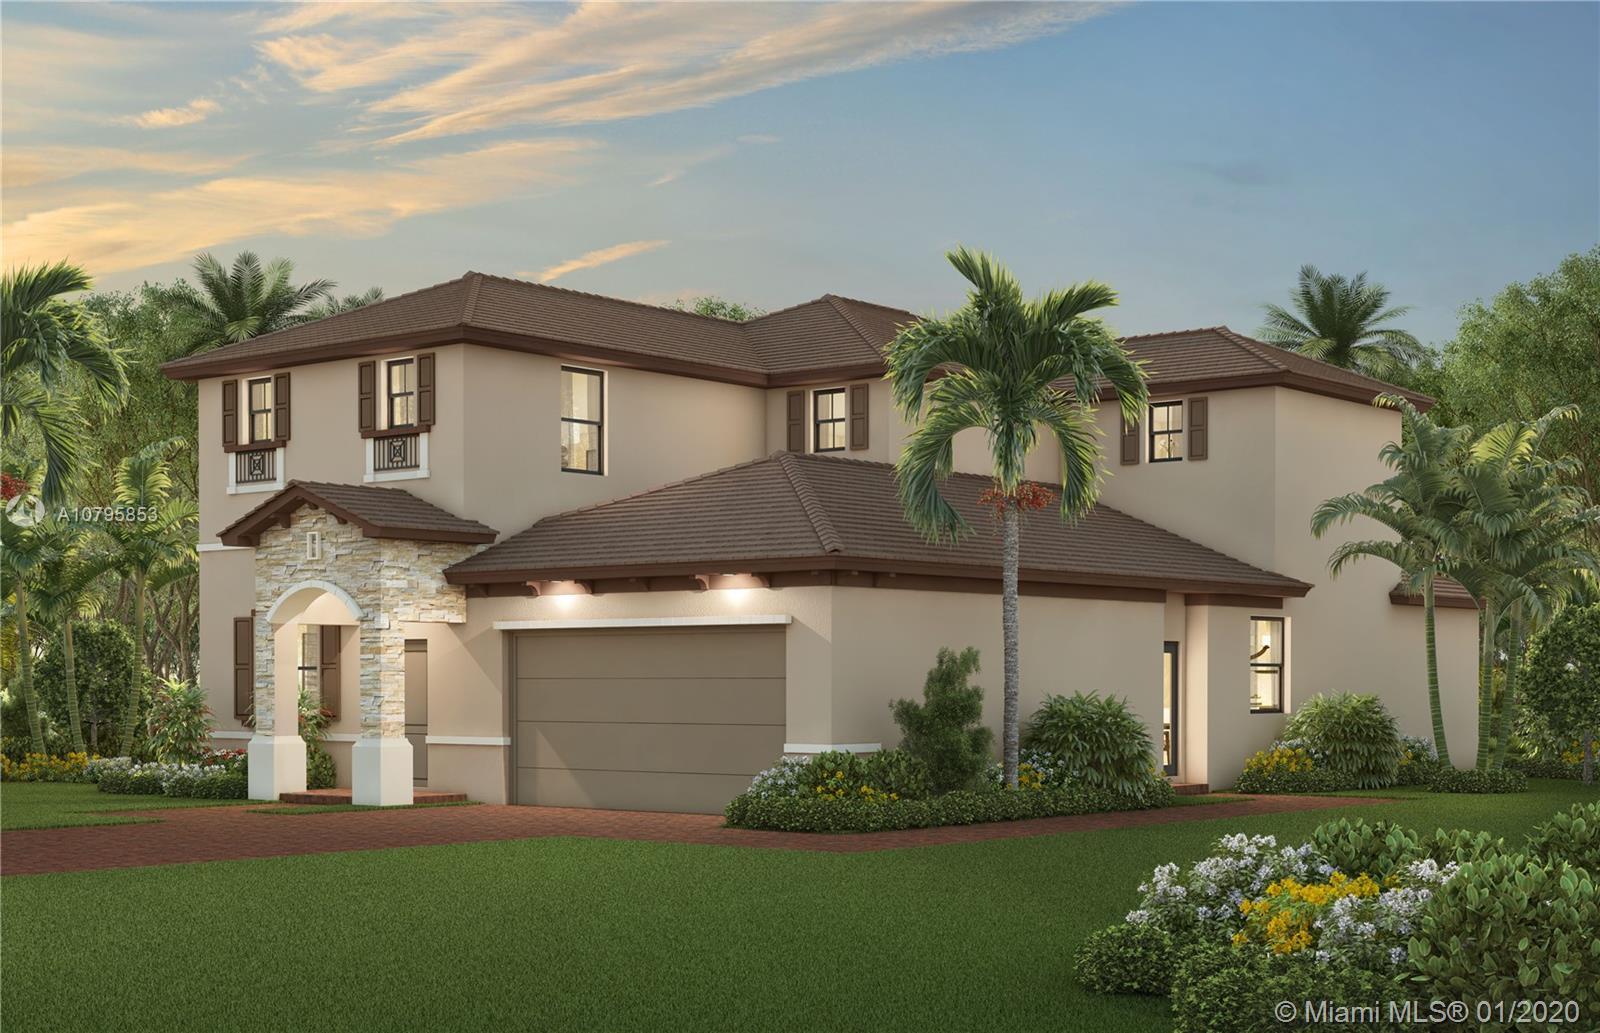 10288 SW 228 TERR, Miami, FL 33190